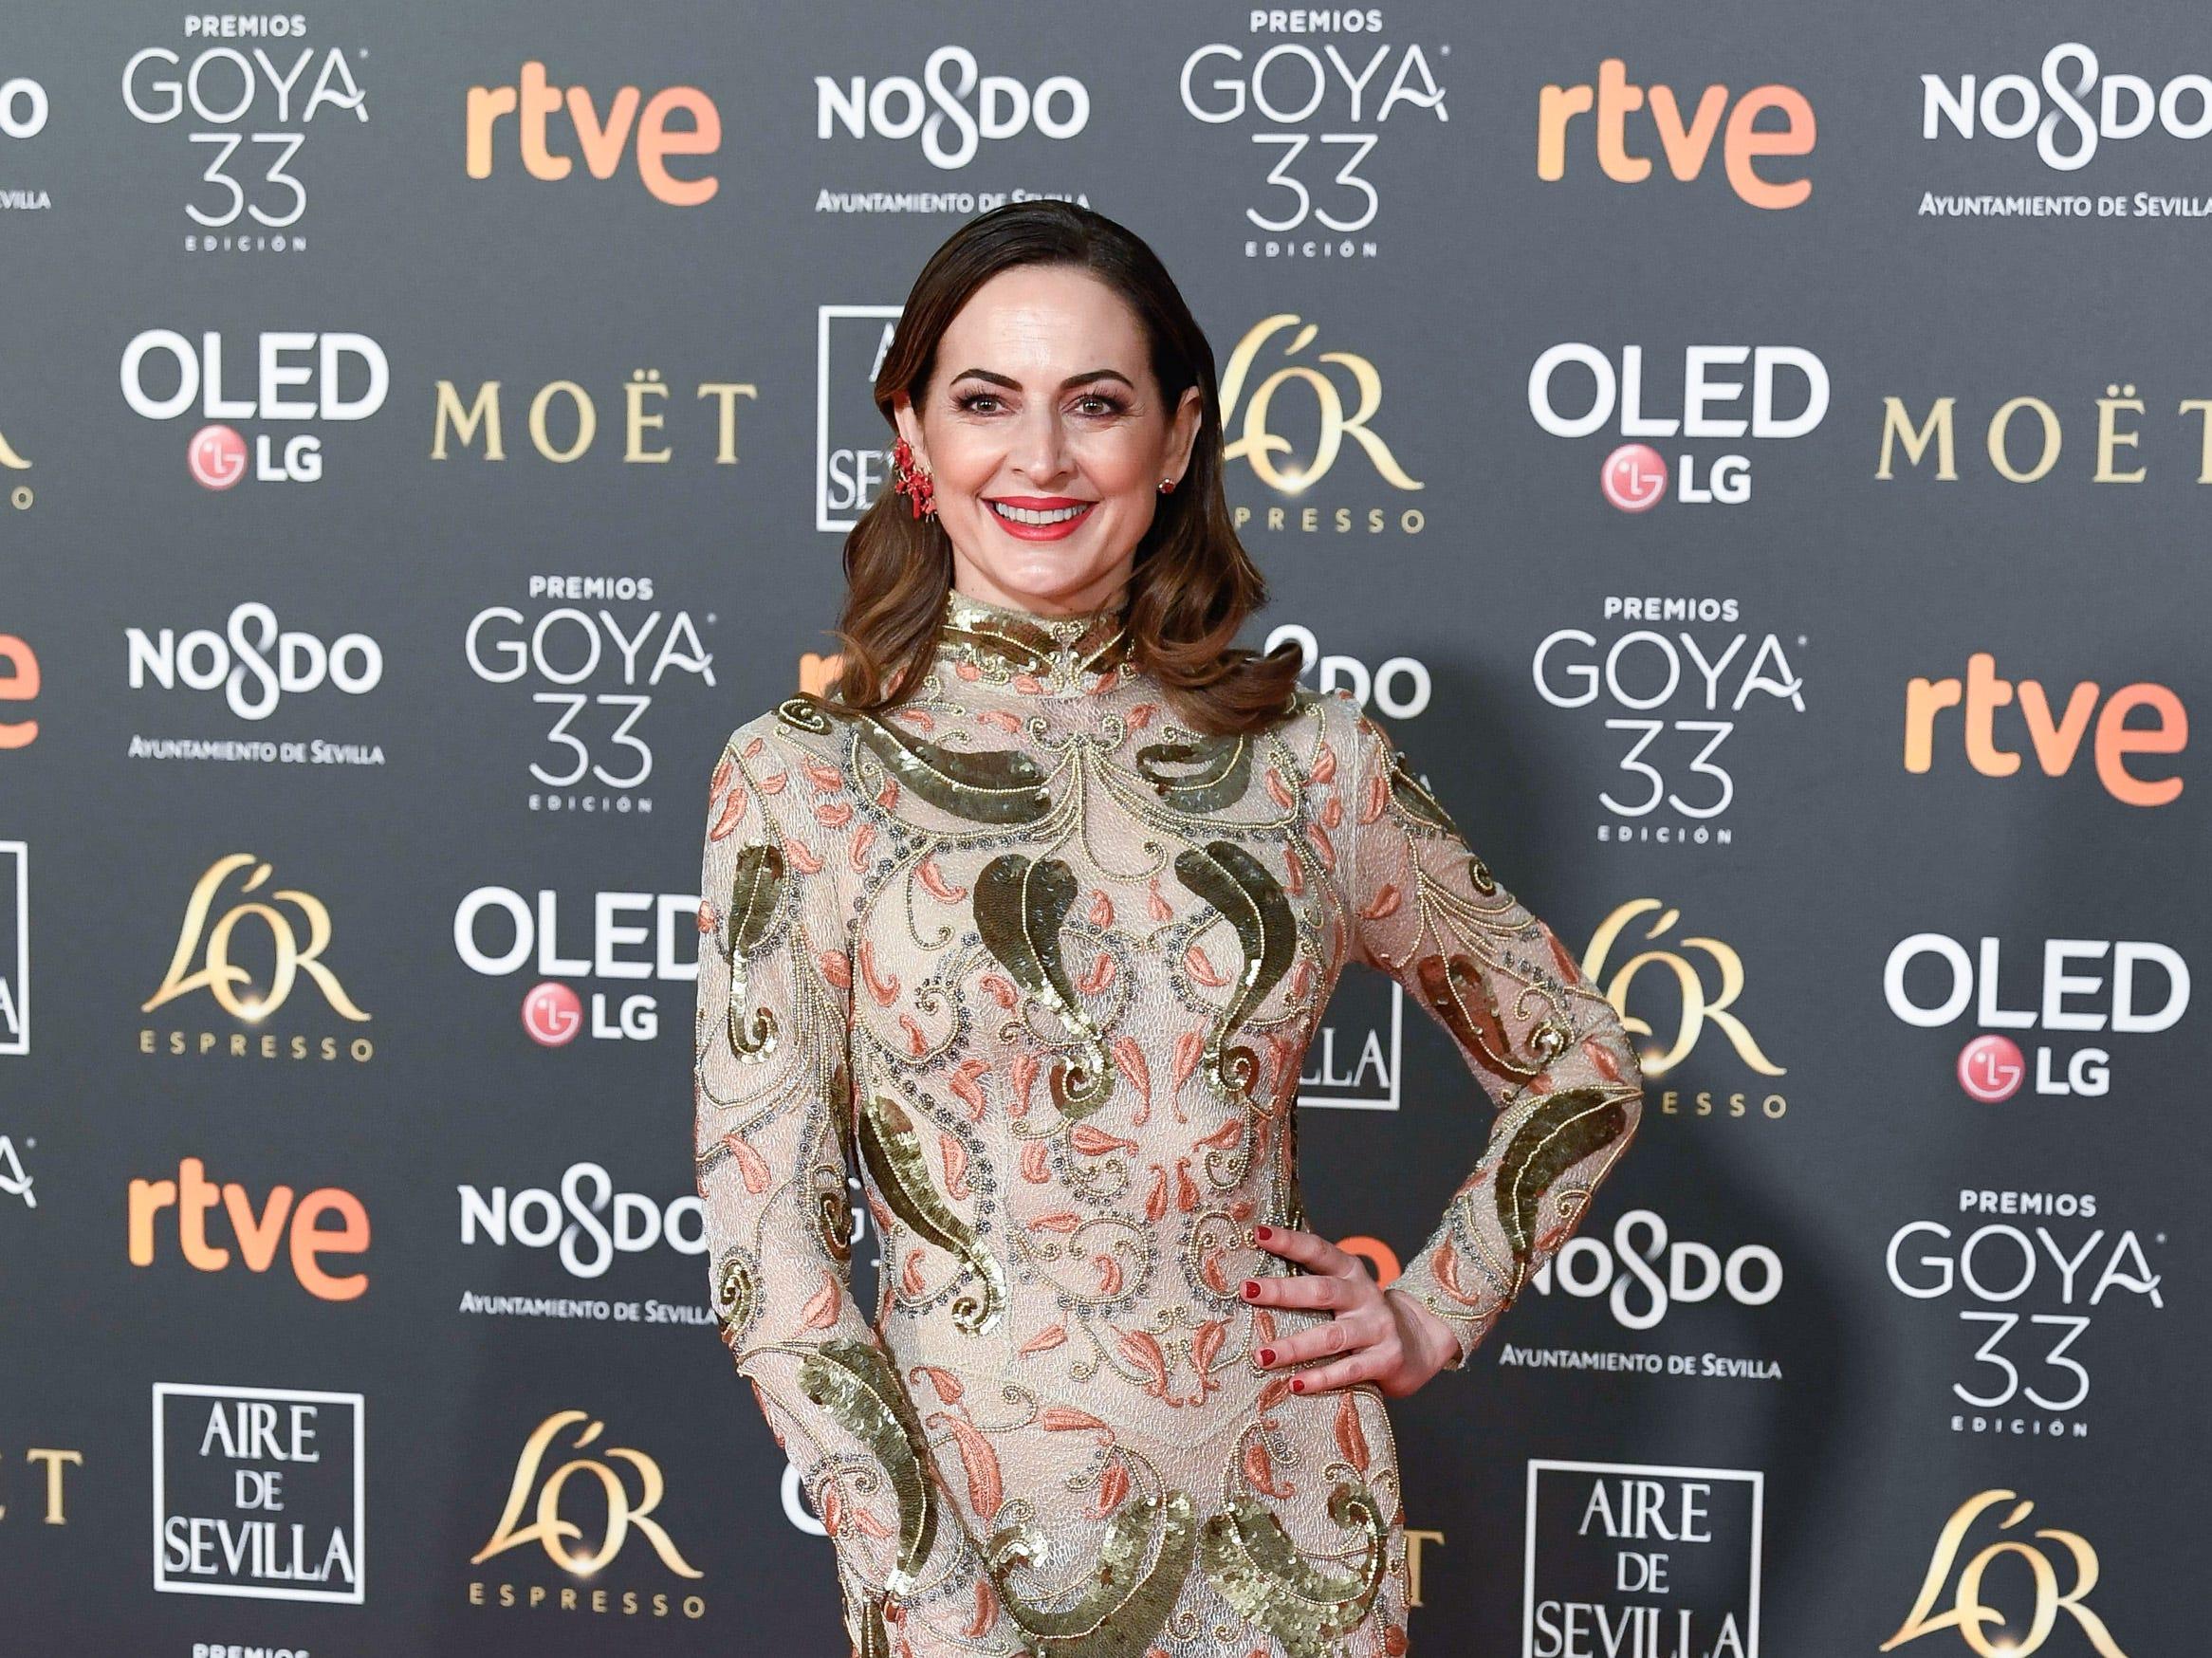 Cuca Escribano asiste a la 33ª edición de los Premios de Cine Goya en el Palacio de Congresos y Exposiciones FIBES el 2 de febrero de 2019 en Sevilla, España.